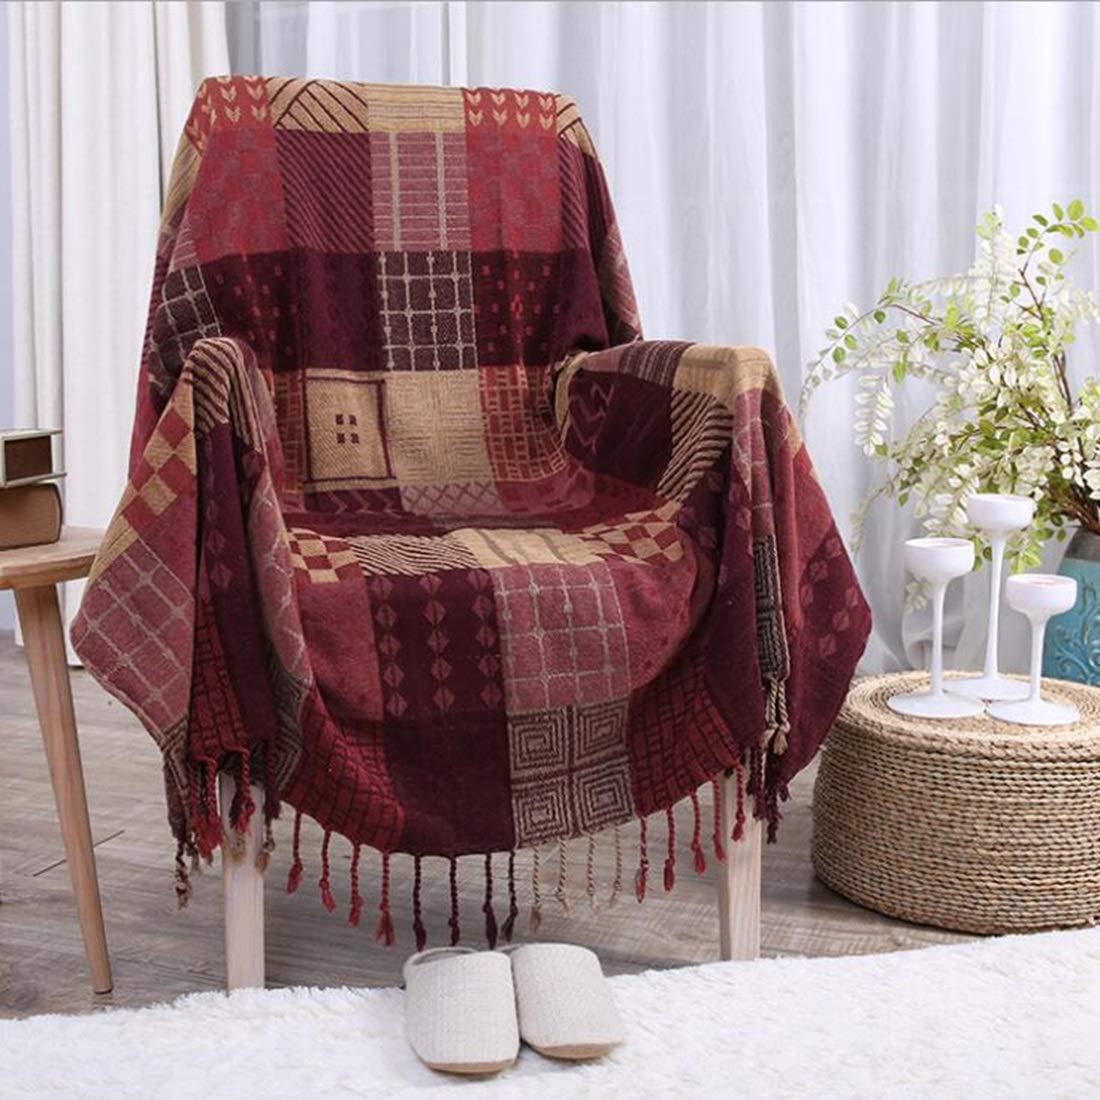 Peii Rori ソファチェアベッド毛布 装飾的 軽量カバー シェニール ソファー 通年使用 丸洗いOK 抗菌防臭 防ダニ ひざ掛け 大判 羽織 冷房対策 (色 : 3, サイズ : 83